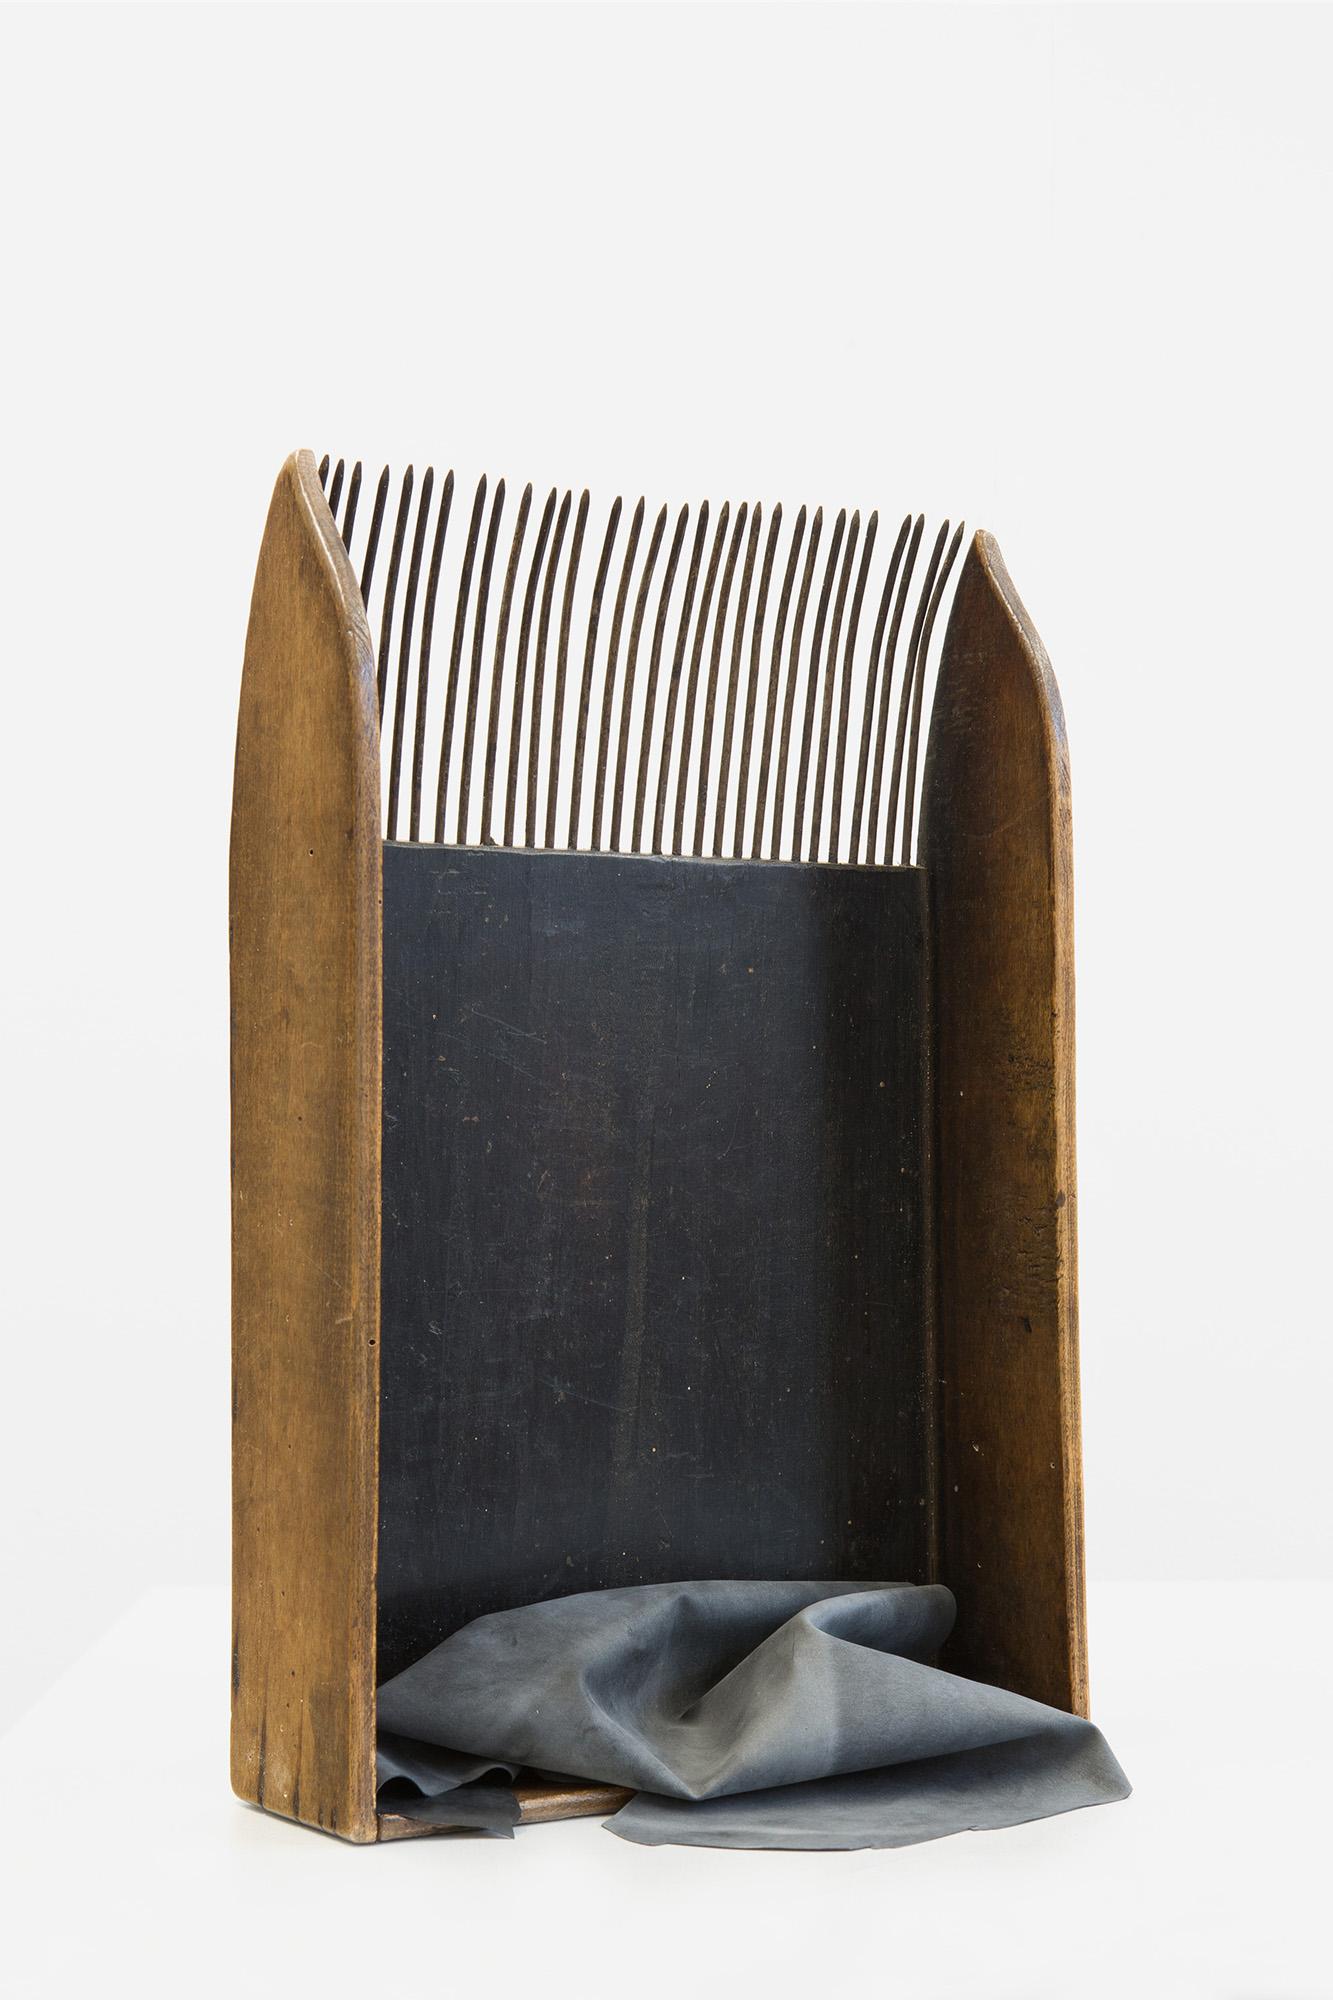 Maya Balcioglu Untitled (2019) Latex on agricultural tool, 38 cm x 25 cm x 8 cm